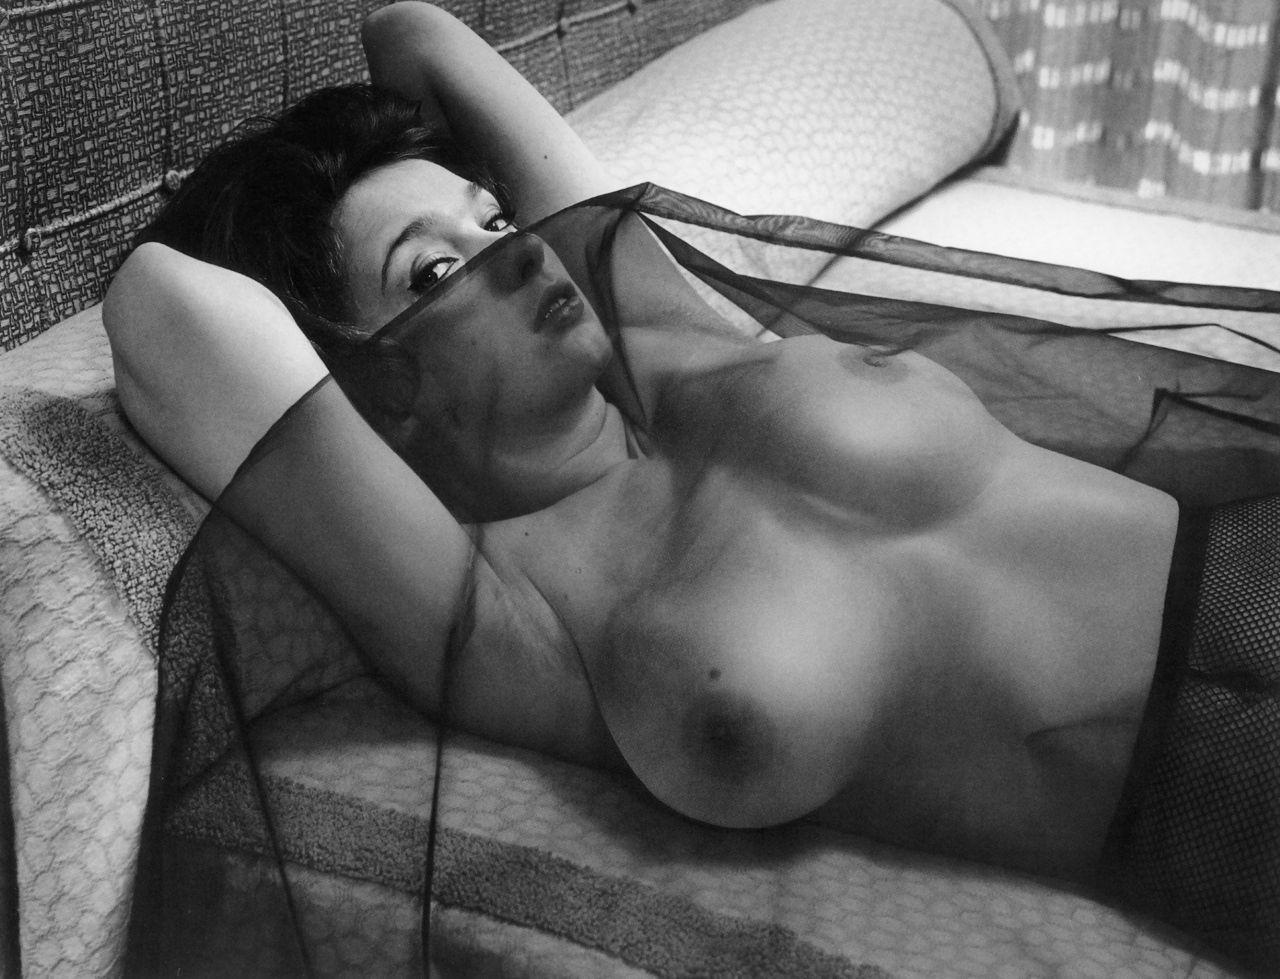 Фотки классические эротика 8 фотография